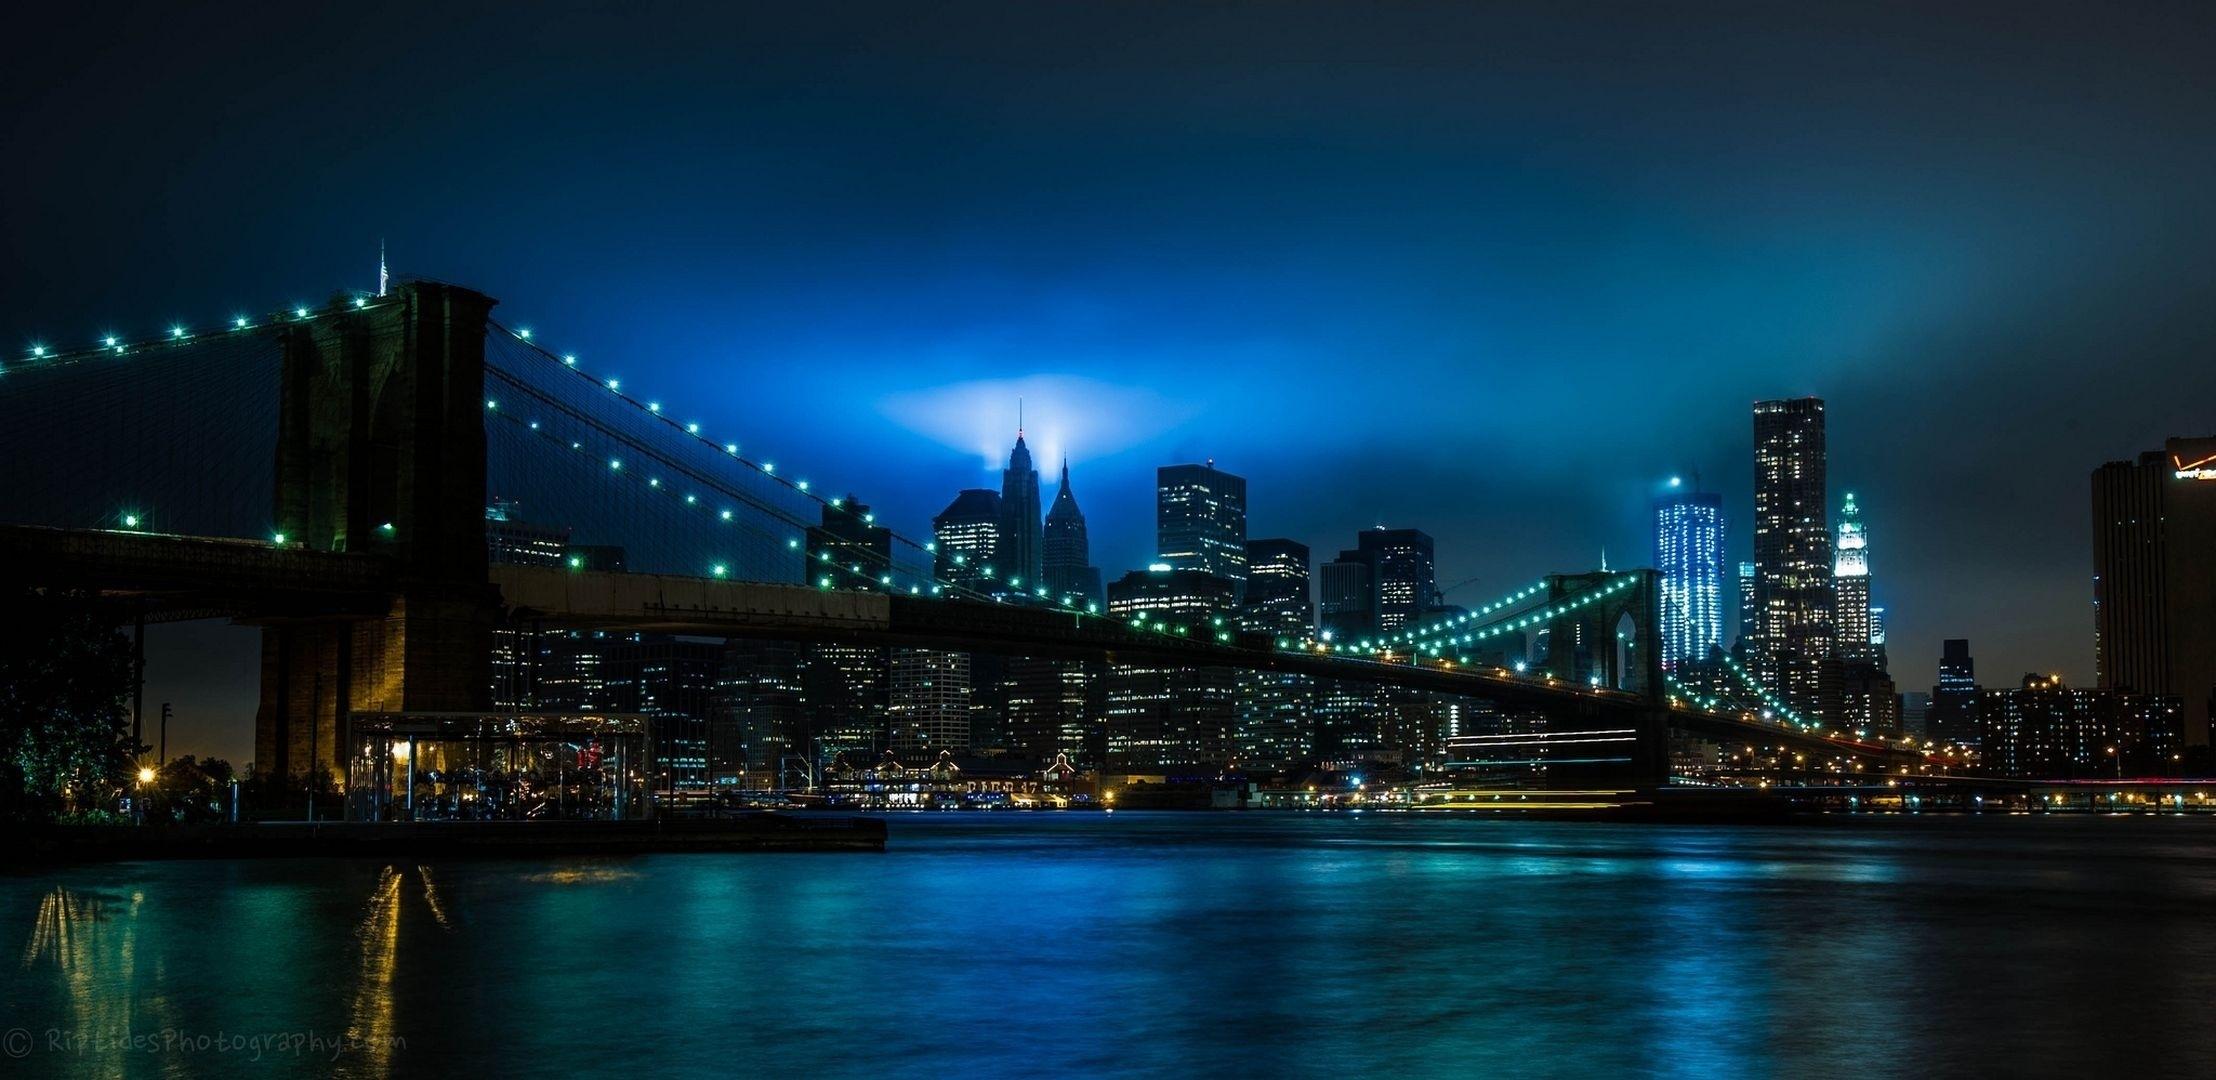 fond d 39 cran ville nuit lumi res rivi re pont brooklyn new york 2216x1080 1060293. Black Bedroom Furniture Sets. Home Design Ideas